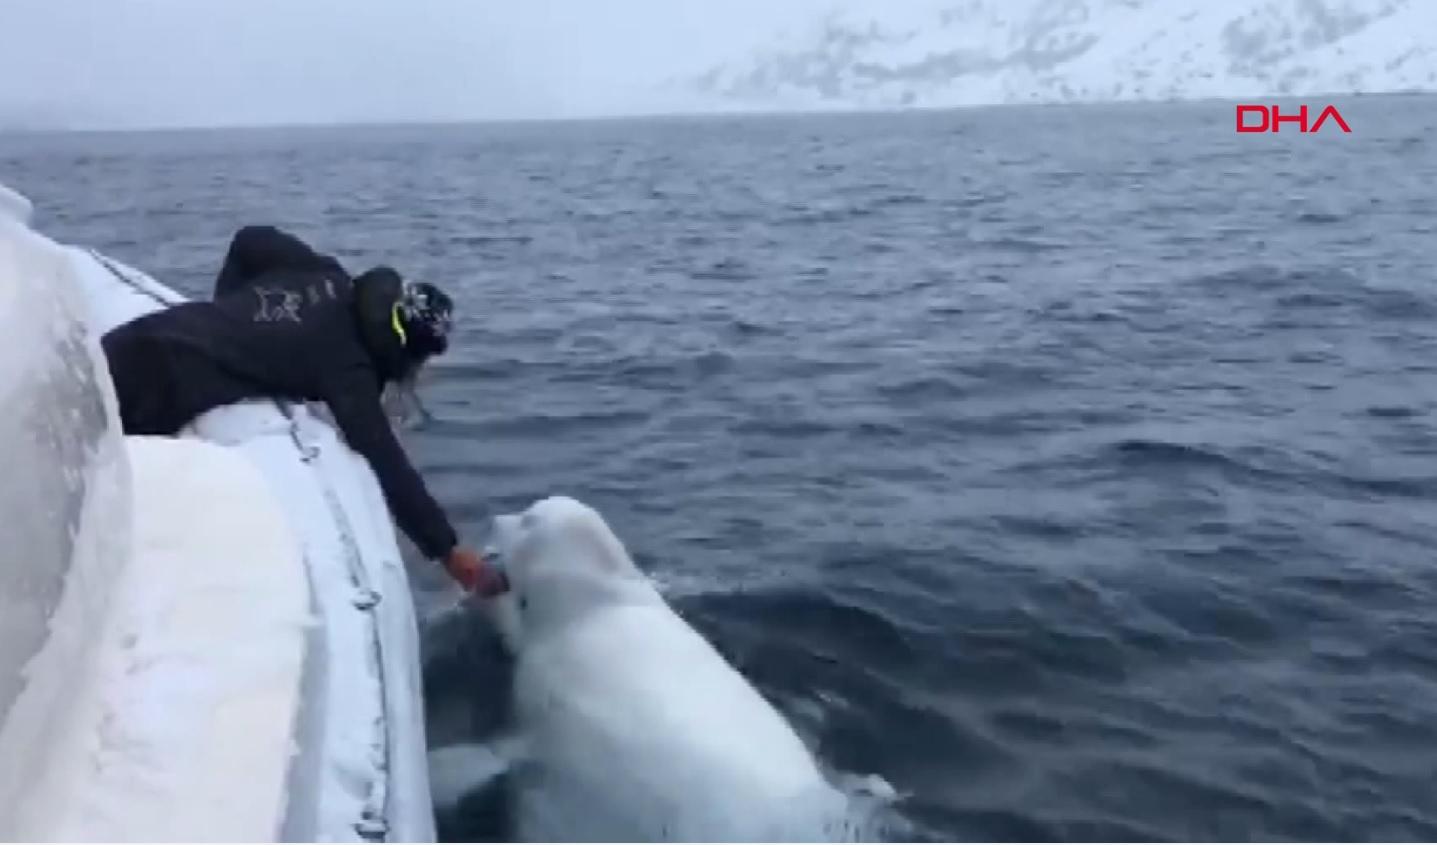 Denizciler beyaz balinayla oyun oynadı sosyal medyada milyonlarca kişi o anları izledi |Video